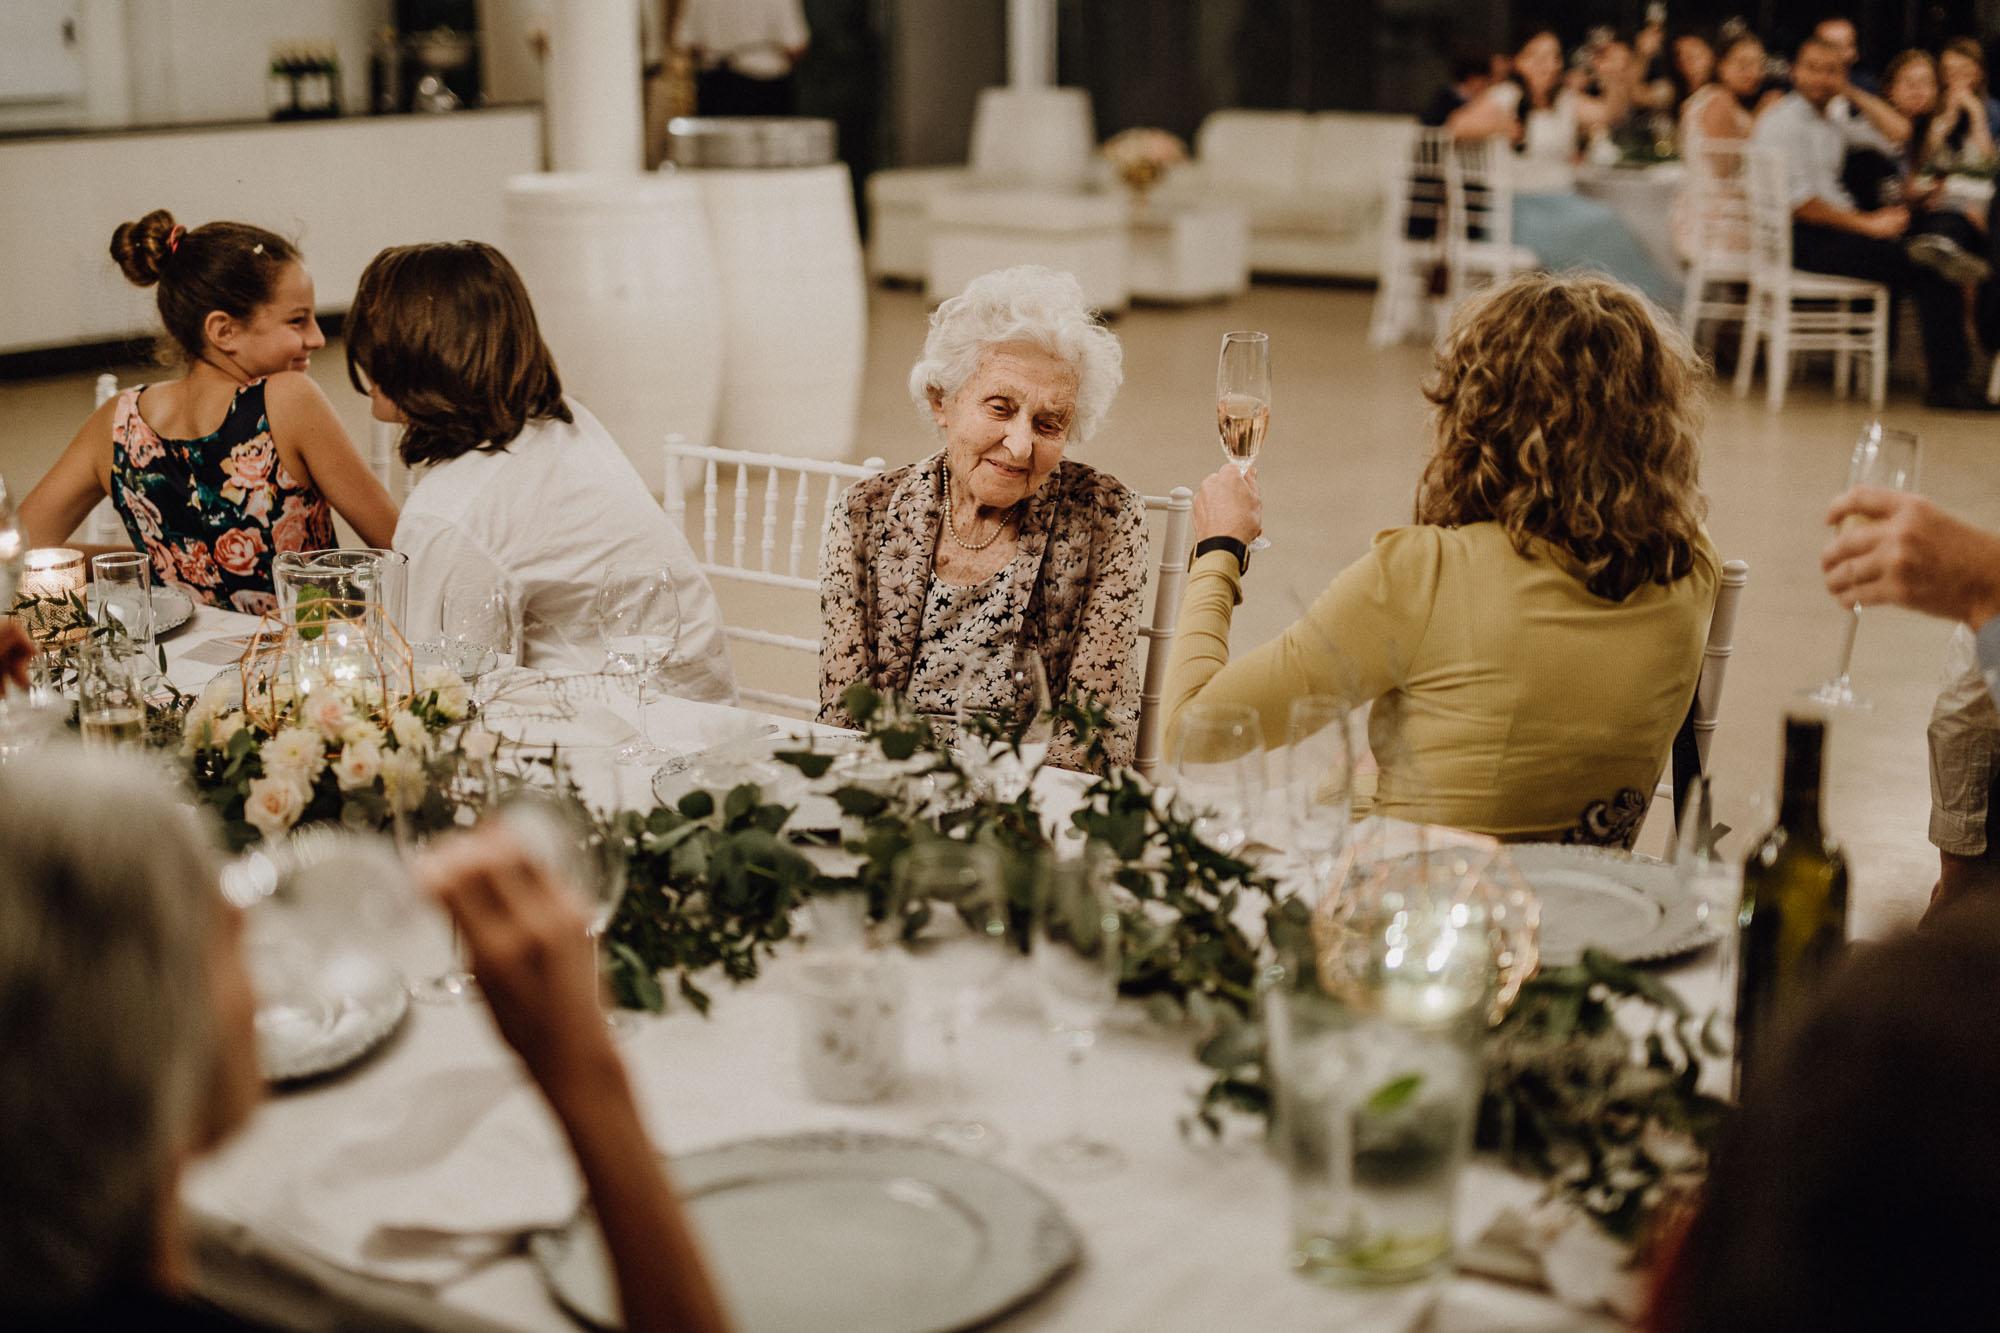 Die Oma sitzt lächelnd am Tisch